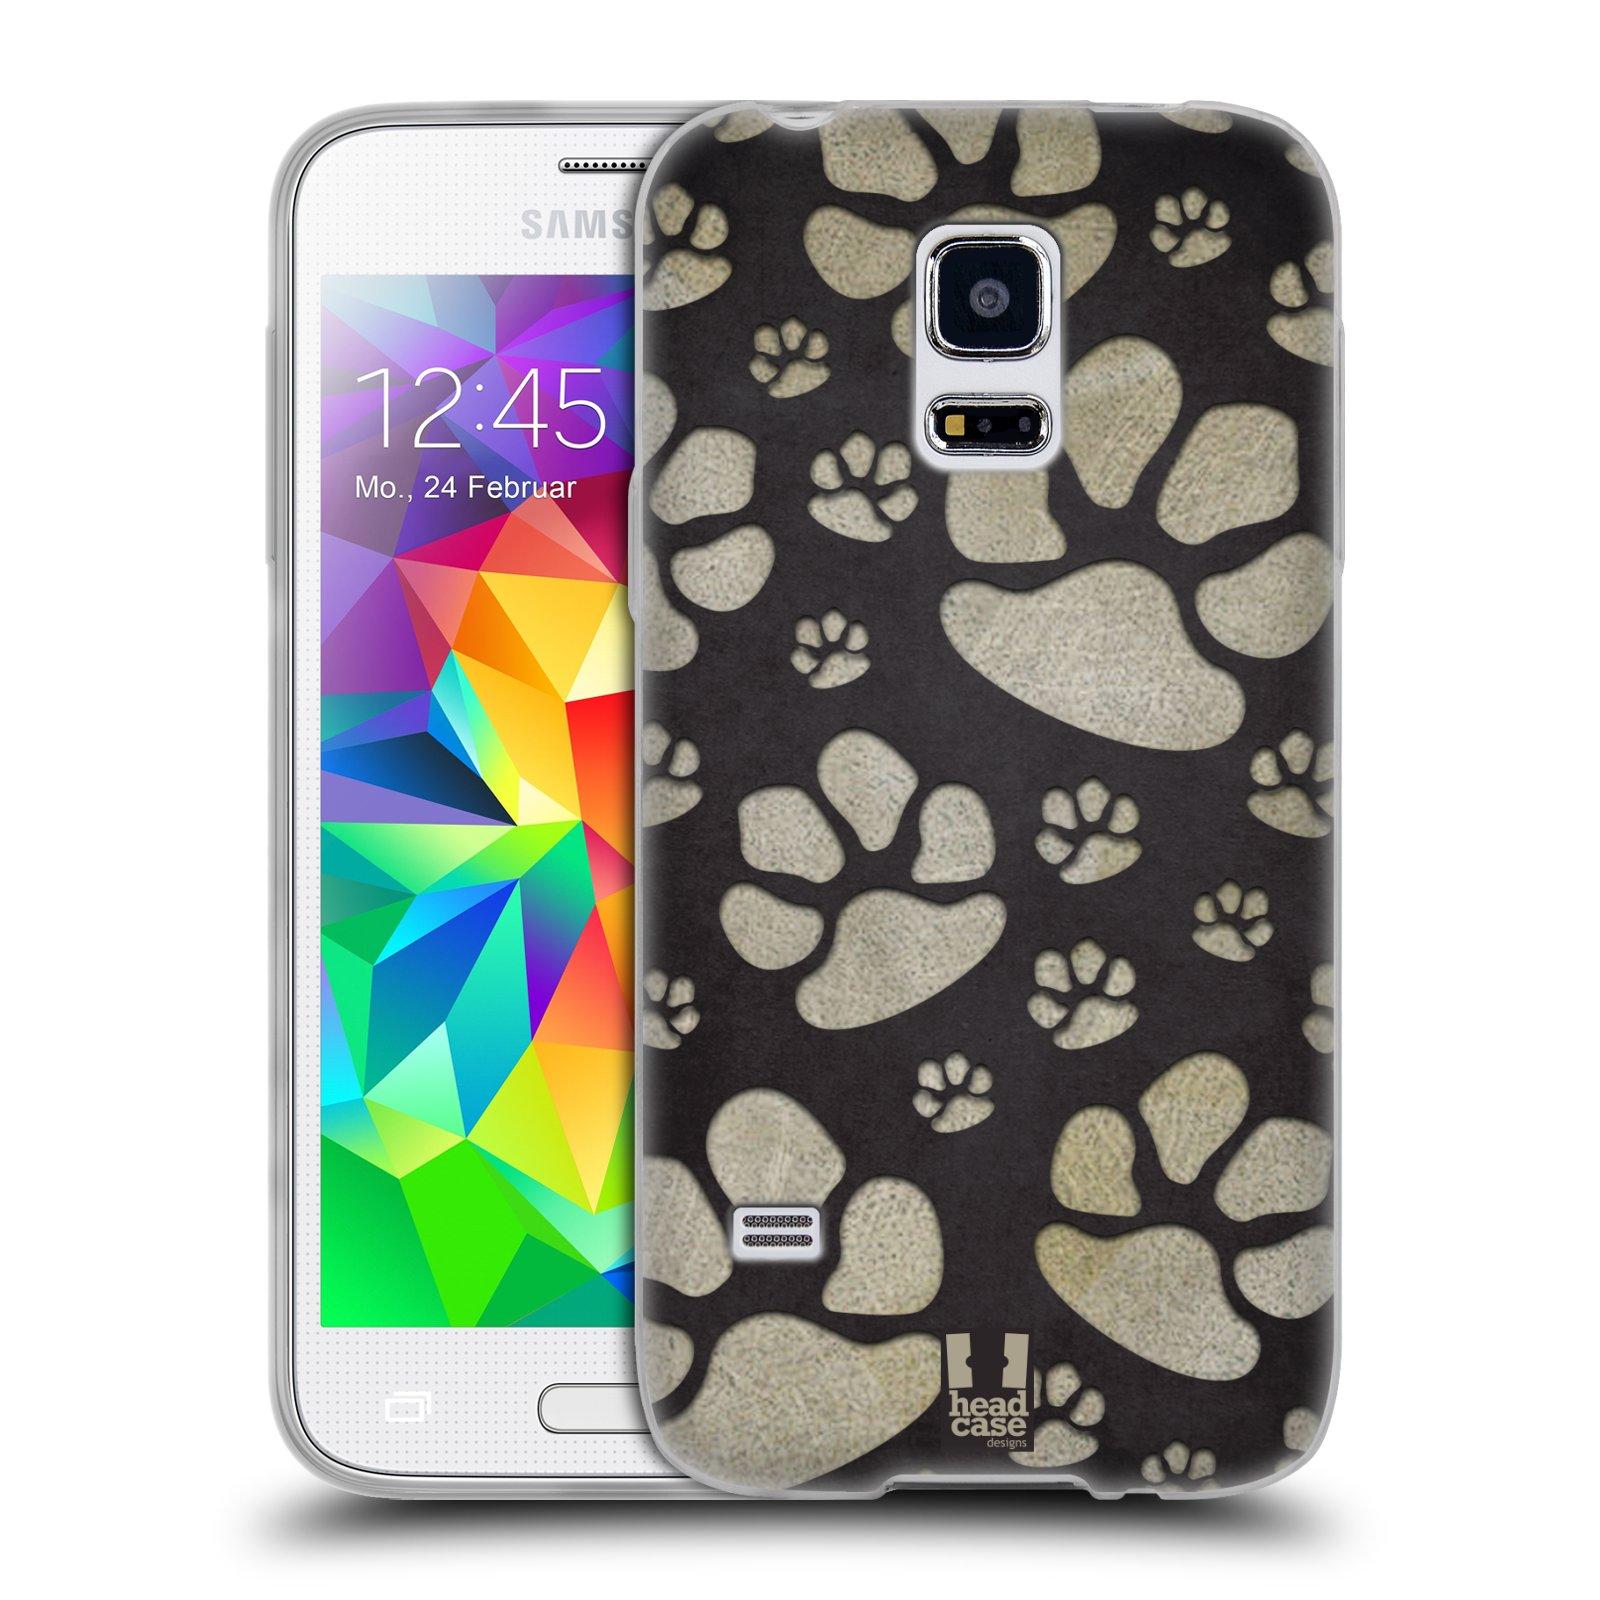 Silikonové pouzdro na mobil Samsung Galaxy S5 Mini HEAD CASE TLAPKY ŠEDÉ (Silikonový kryt či obal na mobilní telefon Samsung Galaxy S5 Mini SM-G800F)